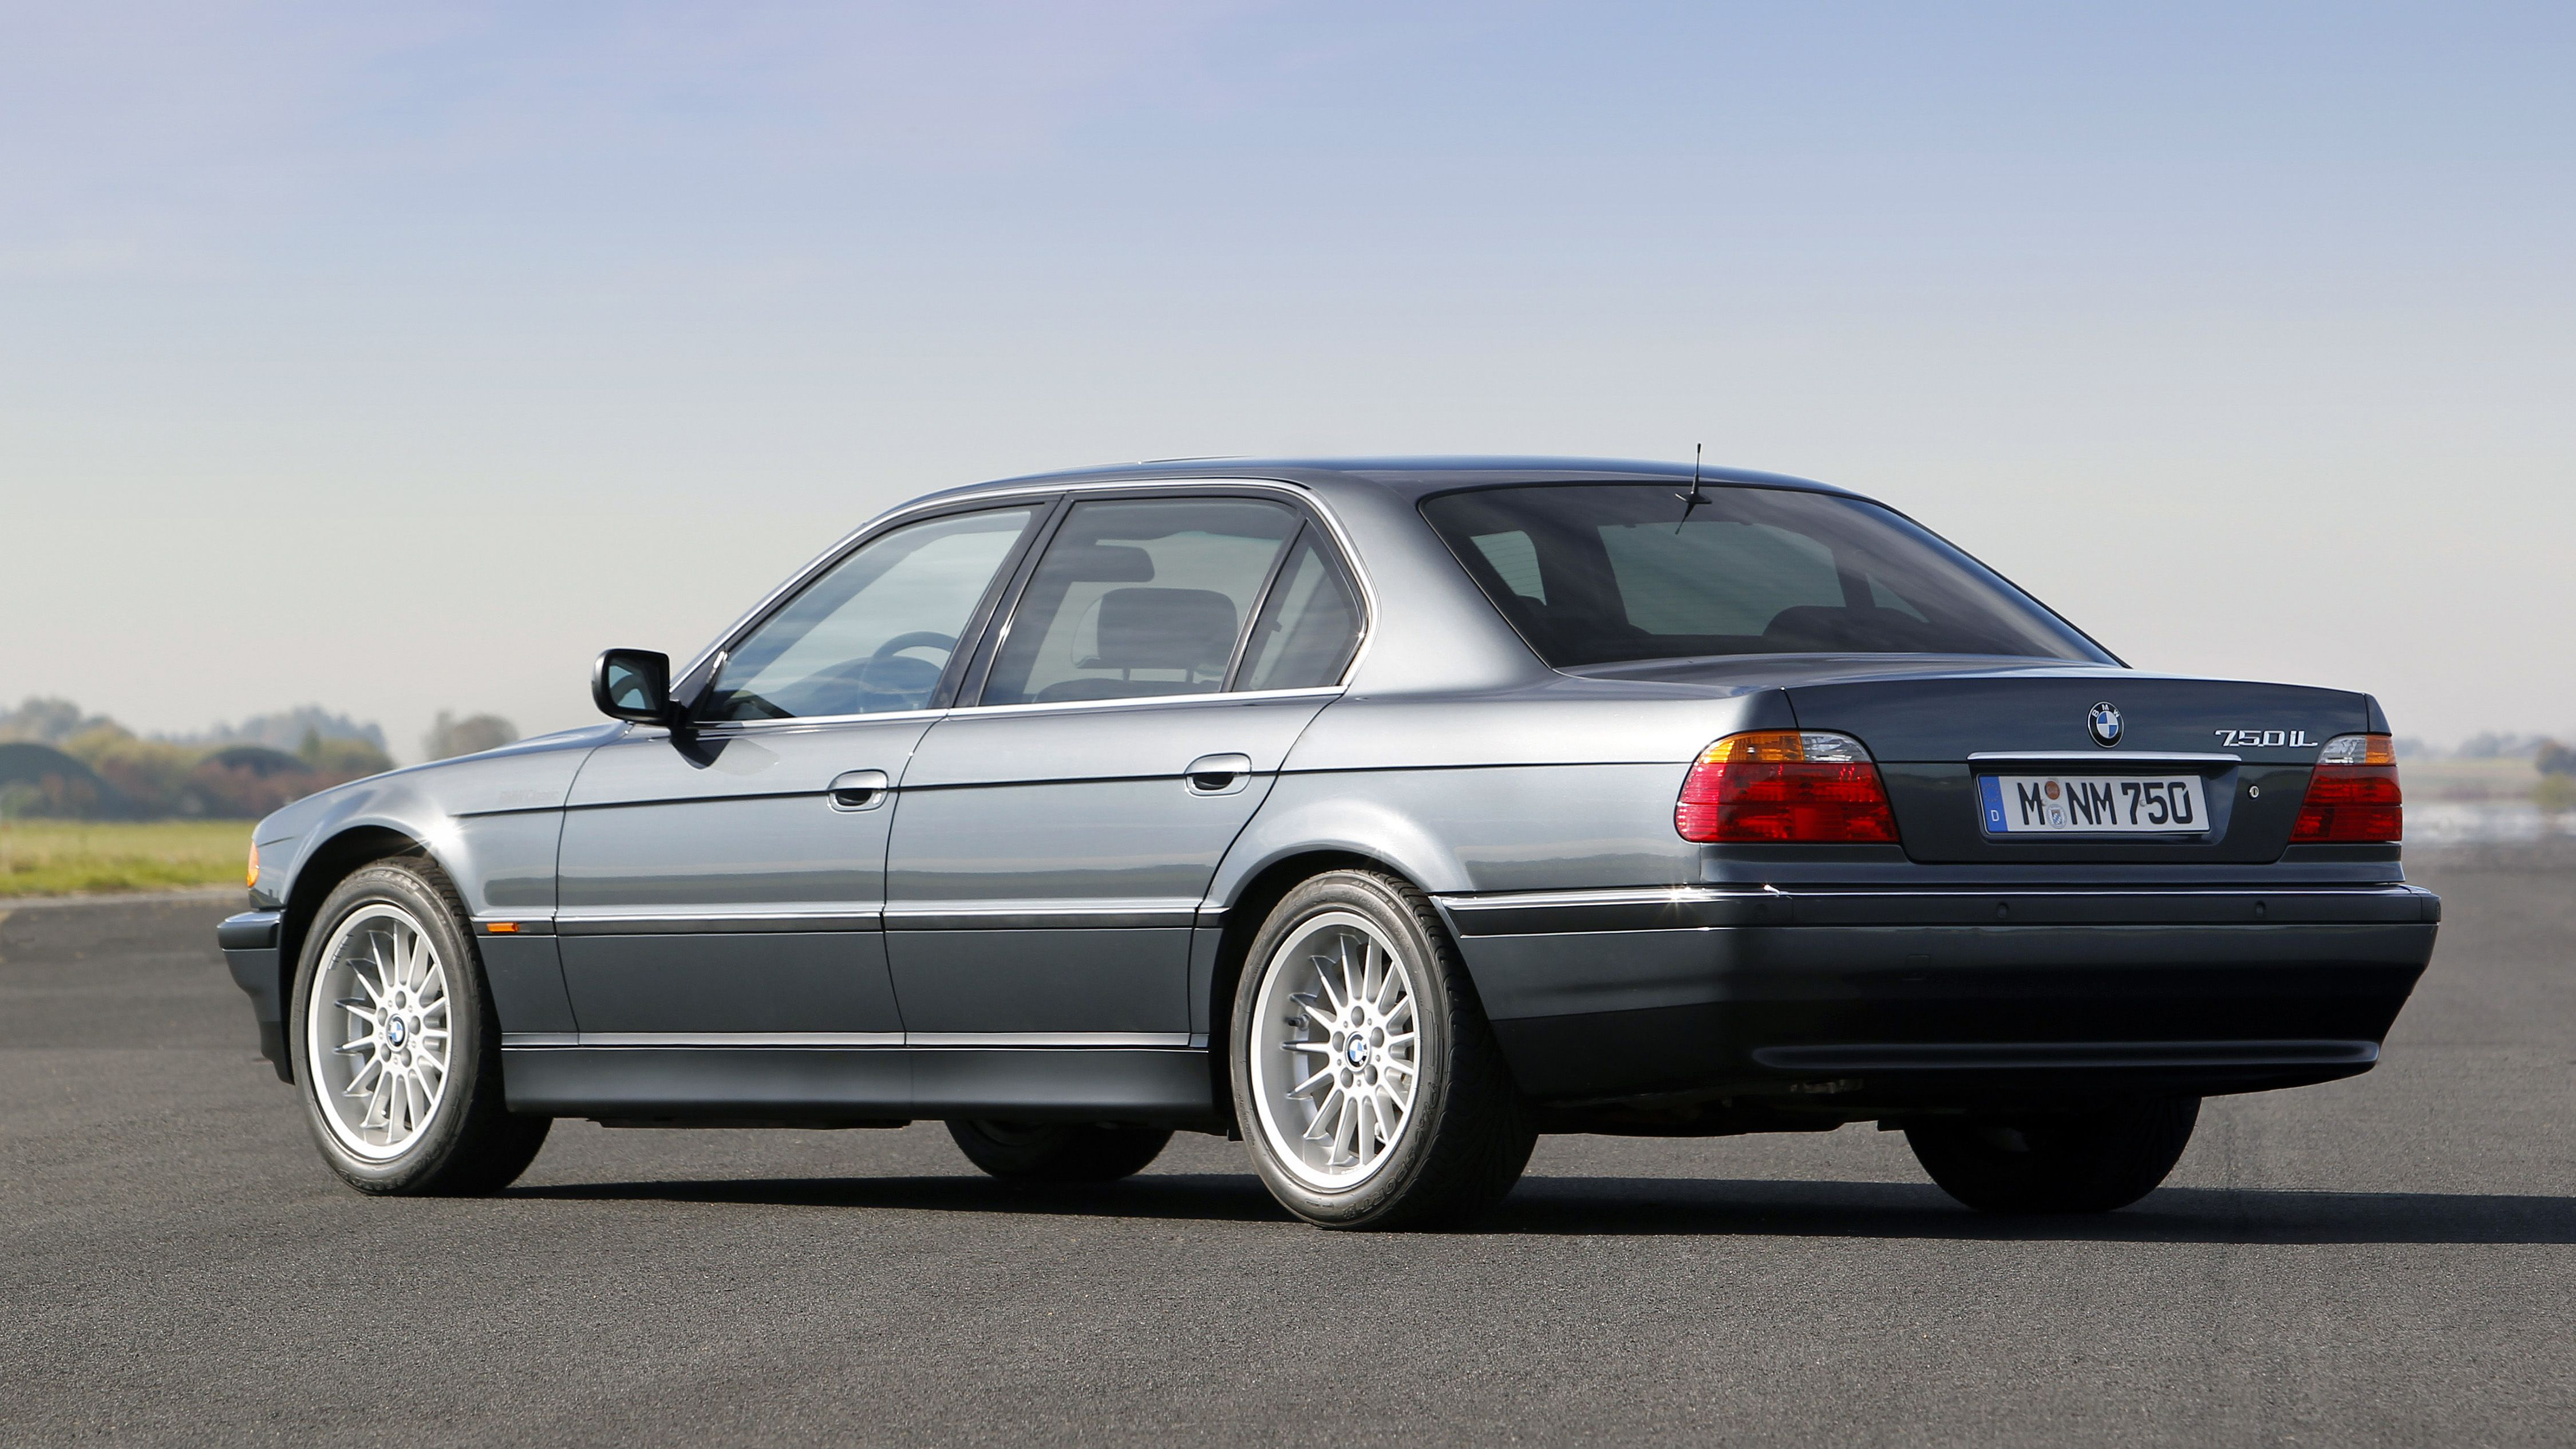 BMW 750iL (E38) (с изображениями) | Автомобили